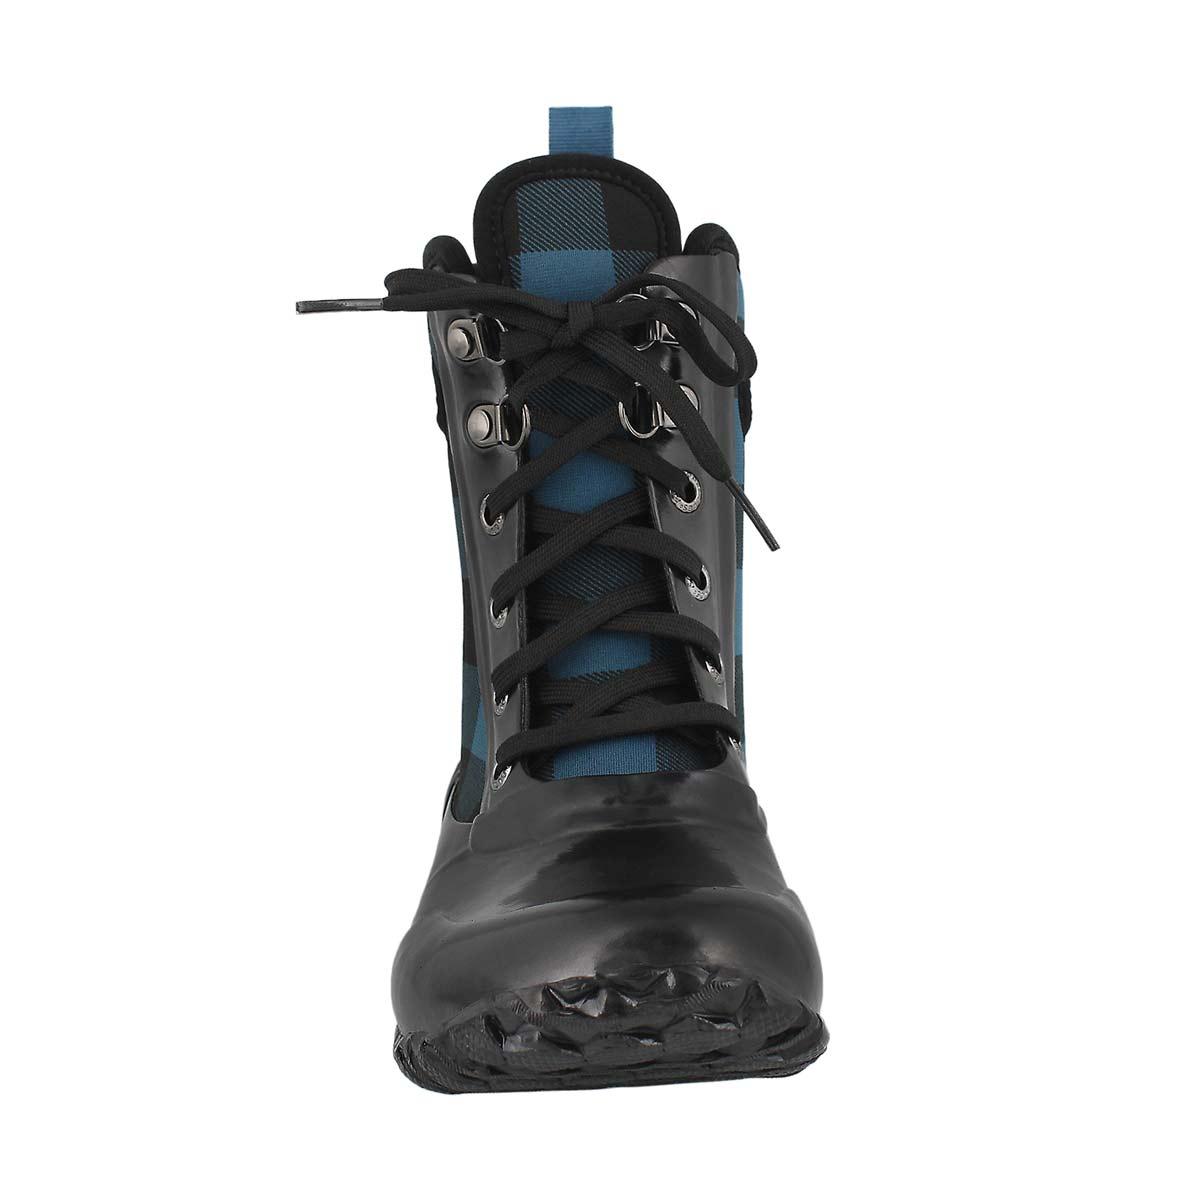 Grls Sidney Lace Plaid blue wtpf boot